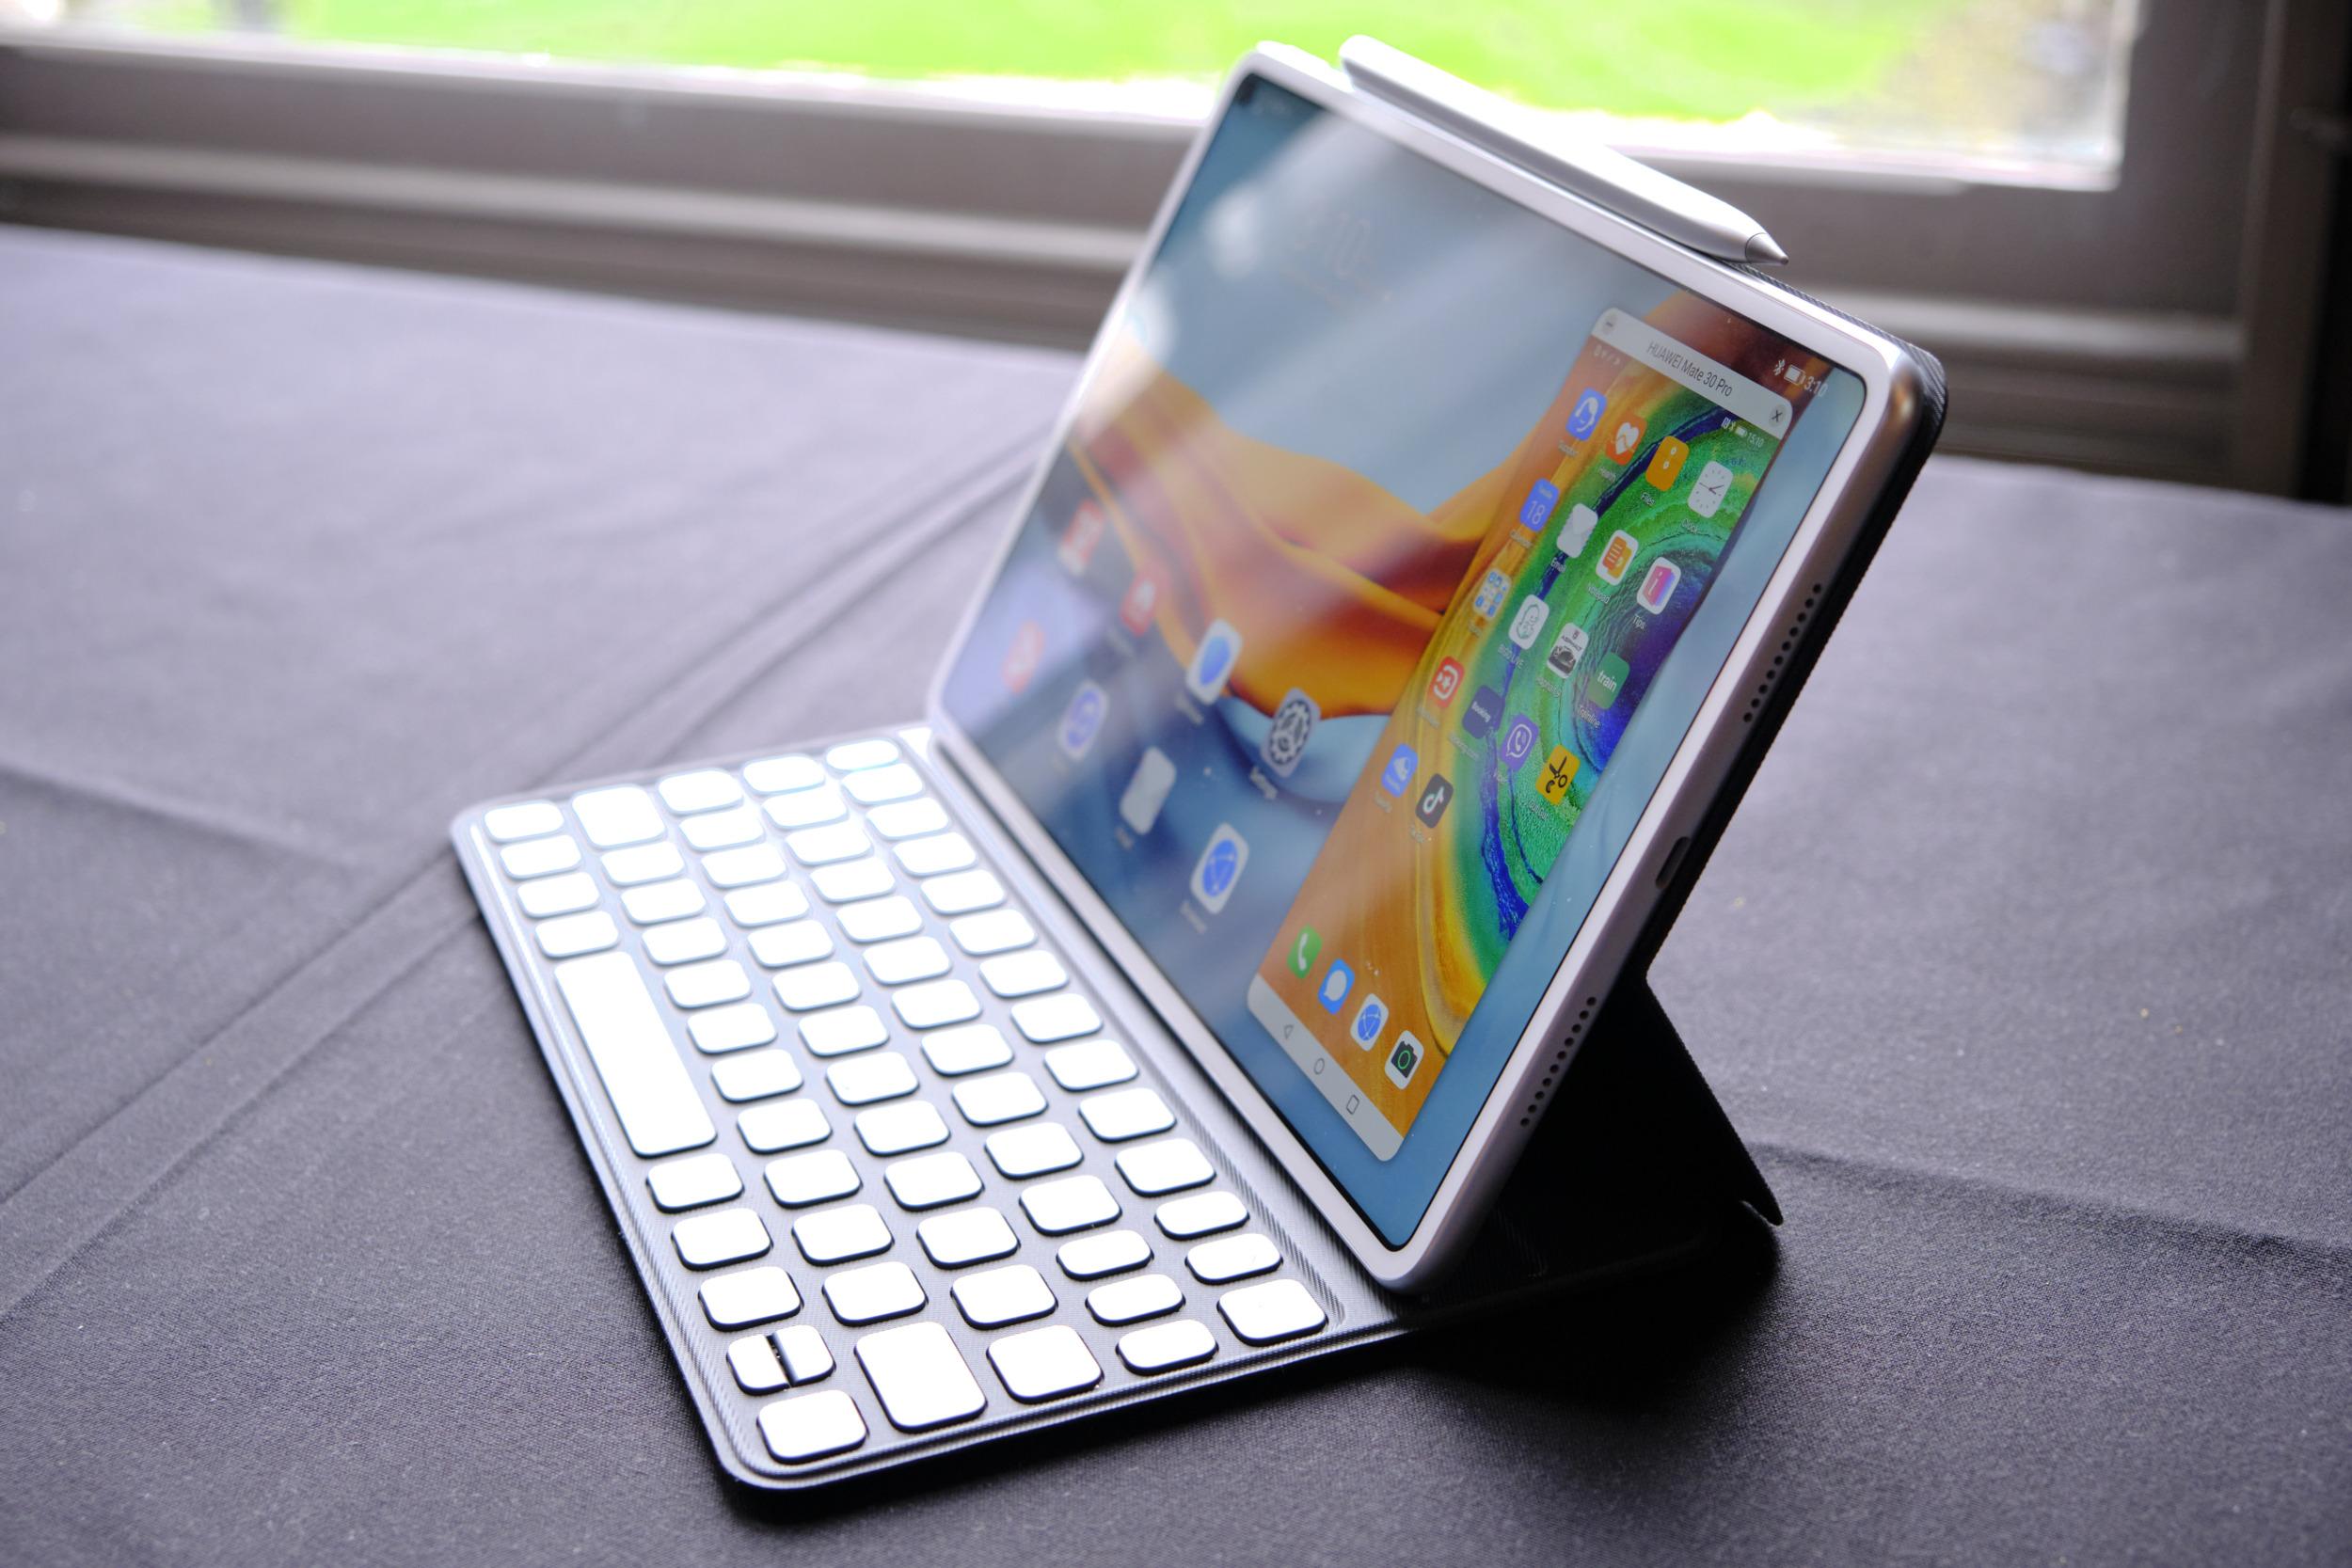 Huawei MatePad Pro přichází do Česka za 15 999 Kč [aktualizováno]